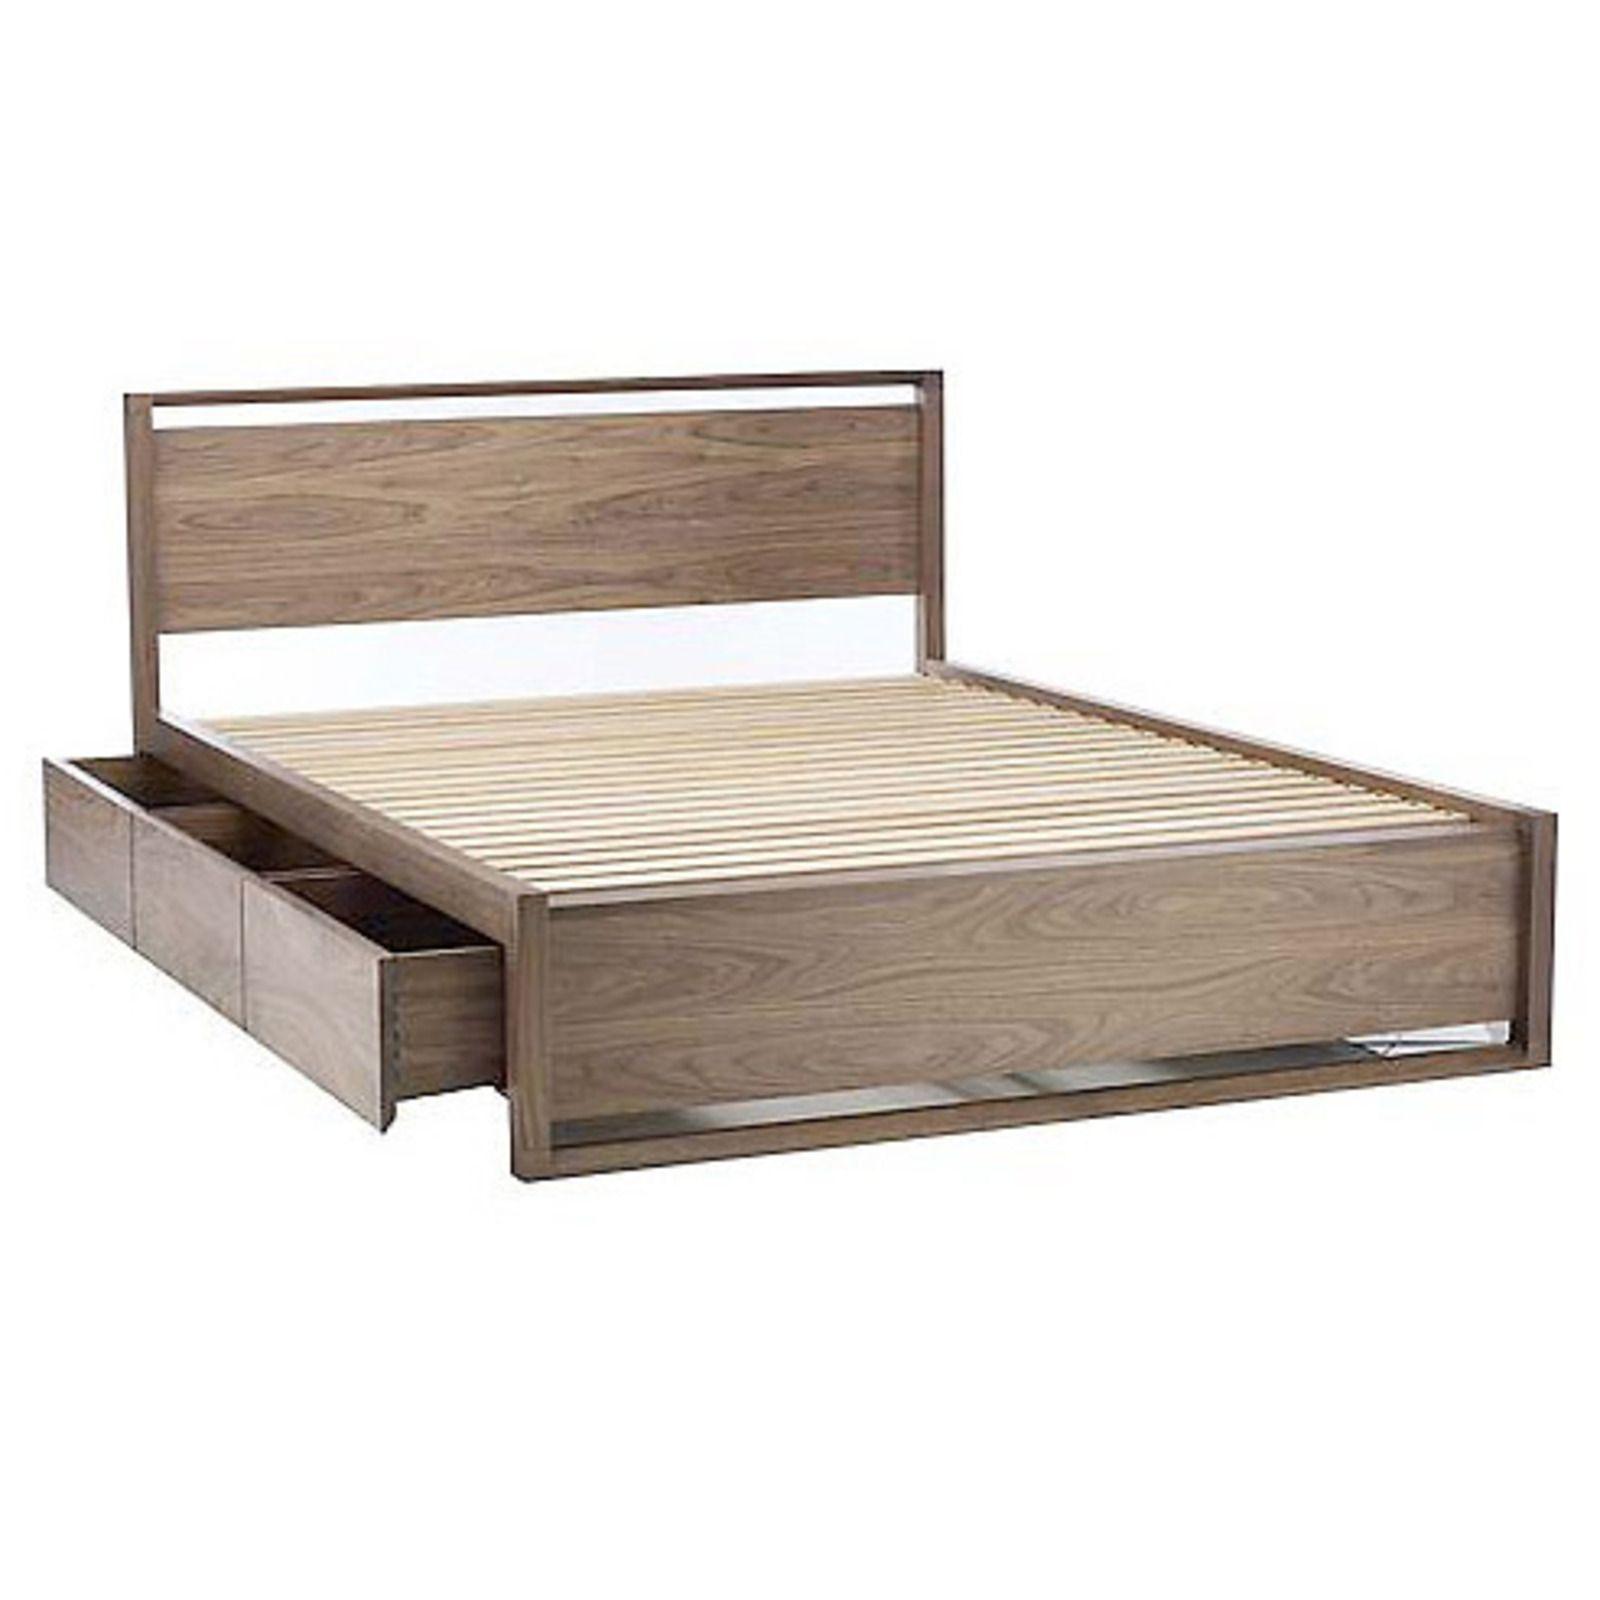 Better Small Space Living | Betten und Bett